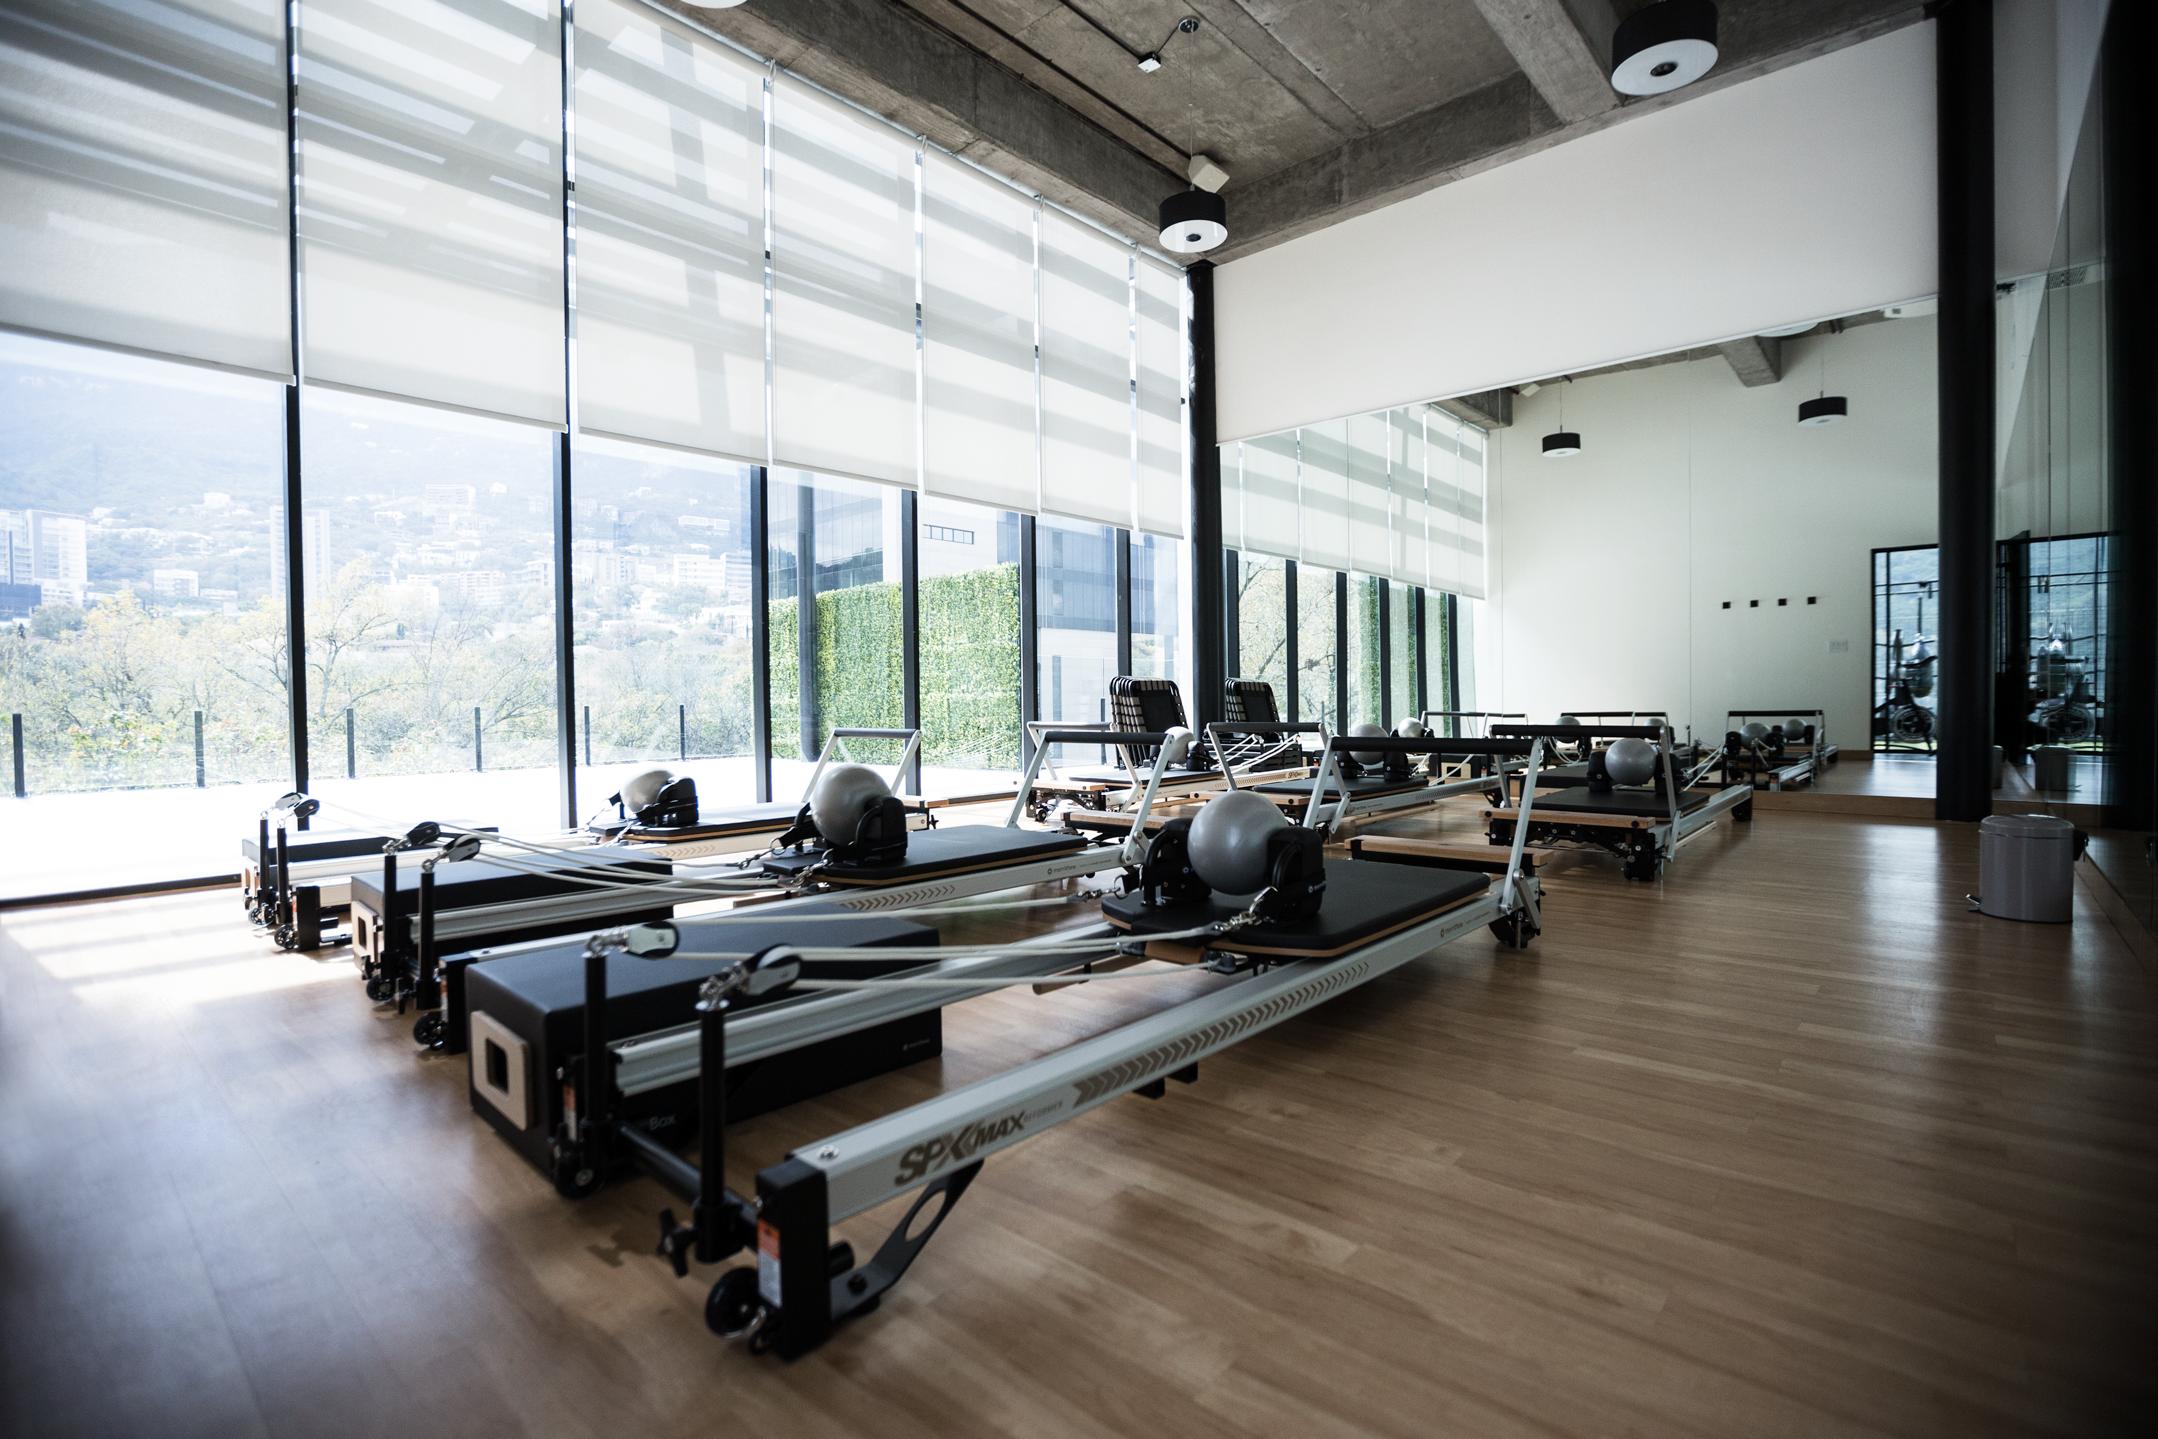 Salón de Pilates Reformer con camas Stott Pilates.